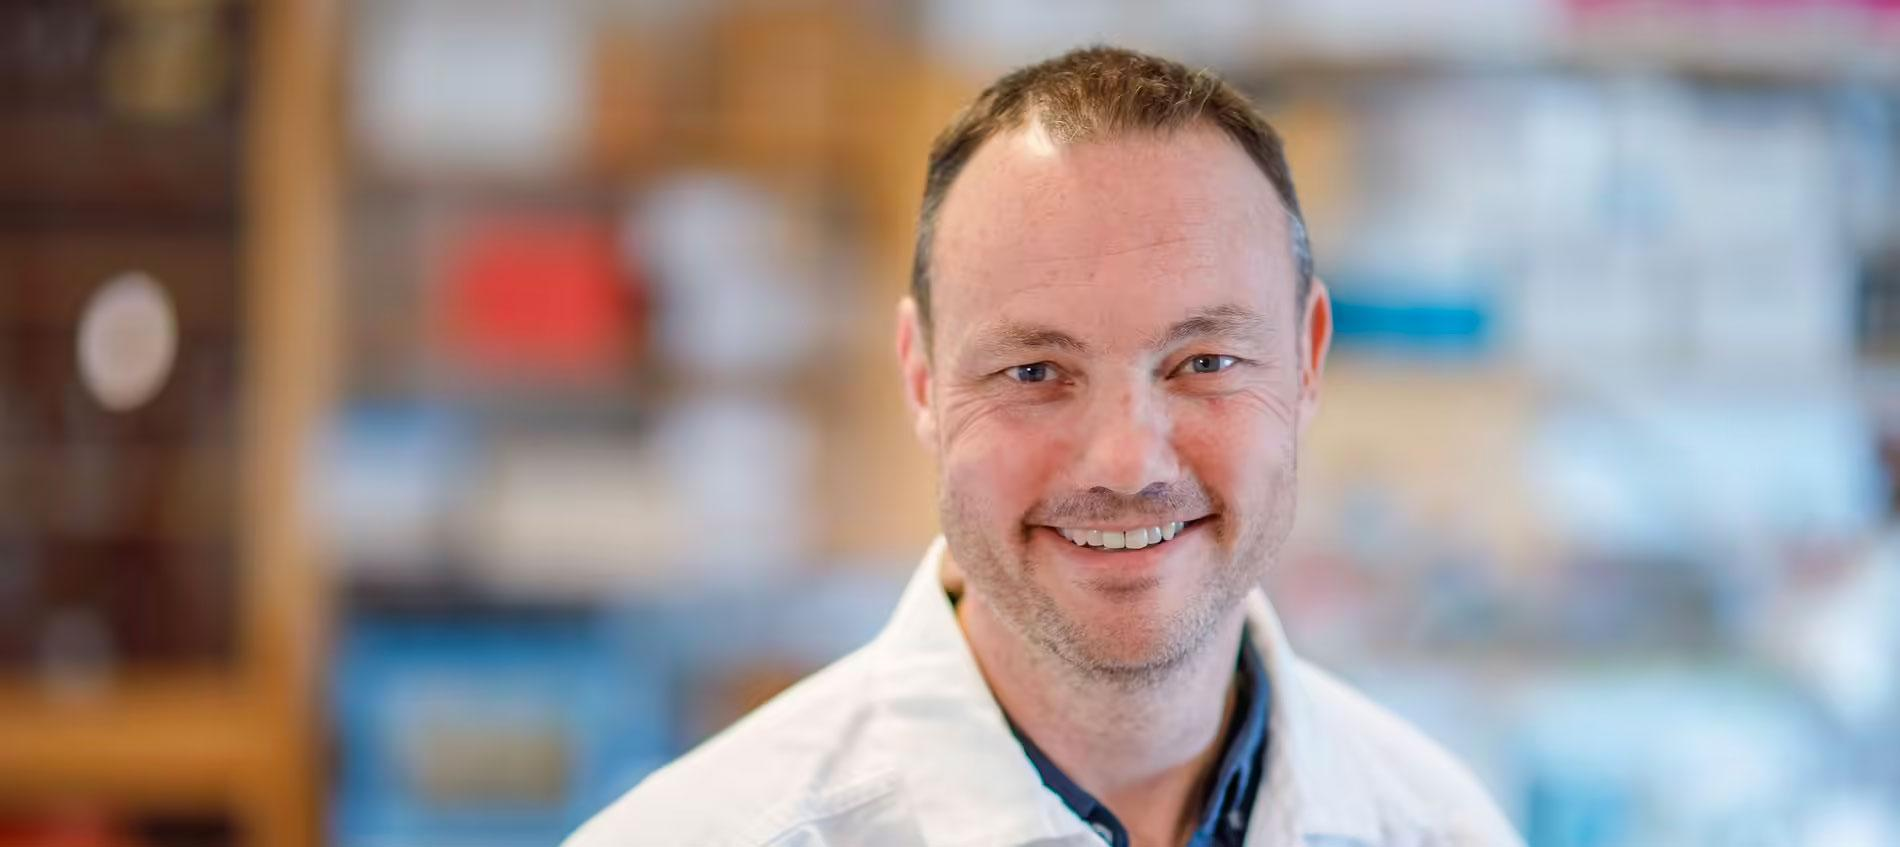 Niklas Arnberg är professor i virologi vid Umeå universitet och ordförande i Virus- och pandemifonden